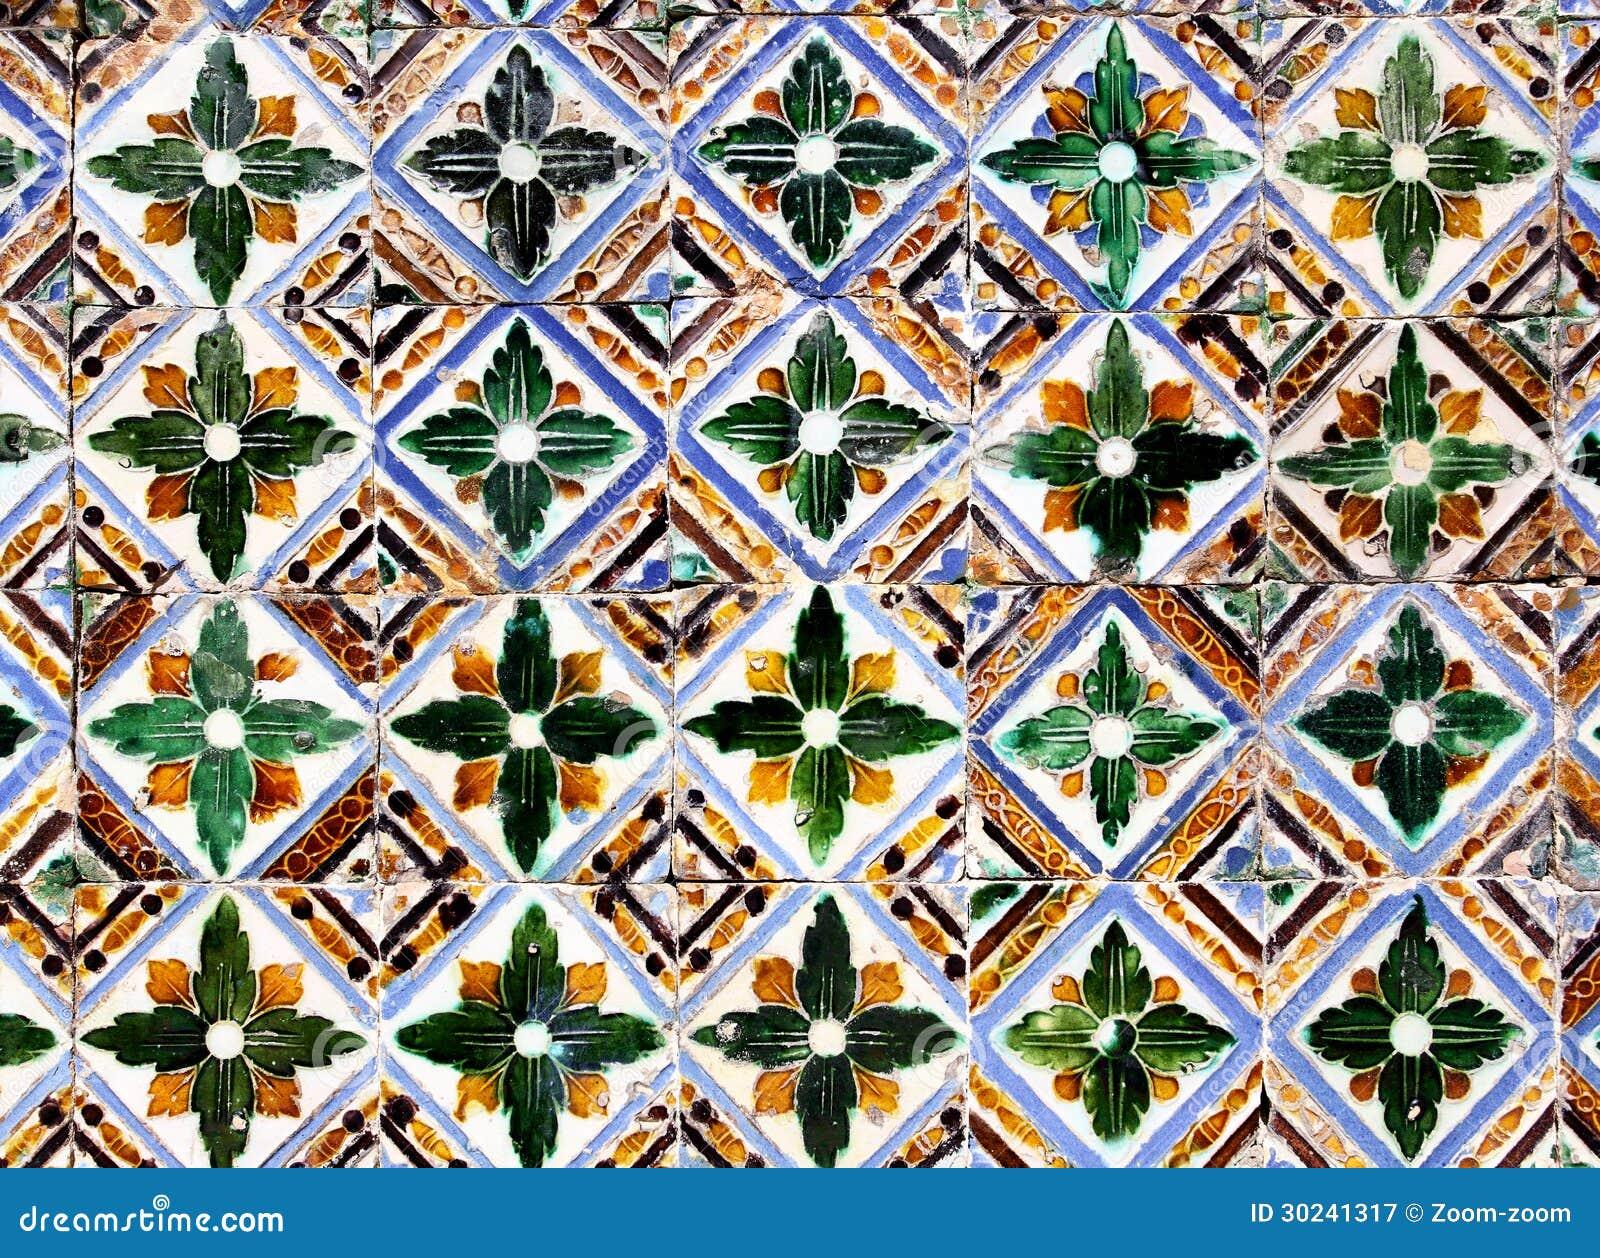 Piastrelle spagnole interno di casa smepool.com